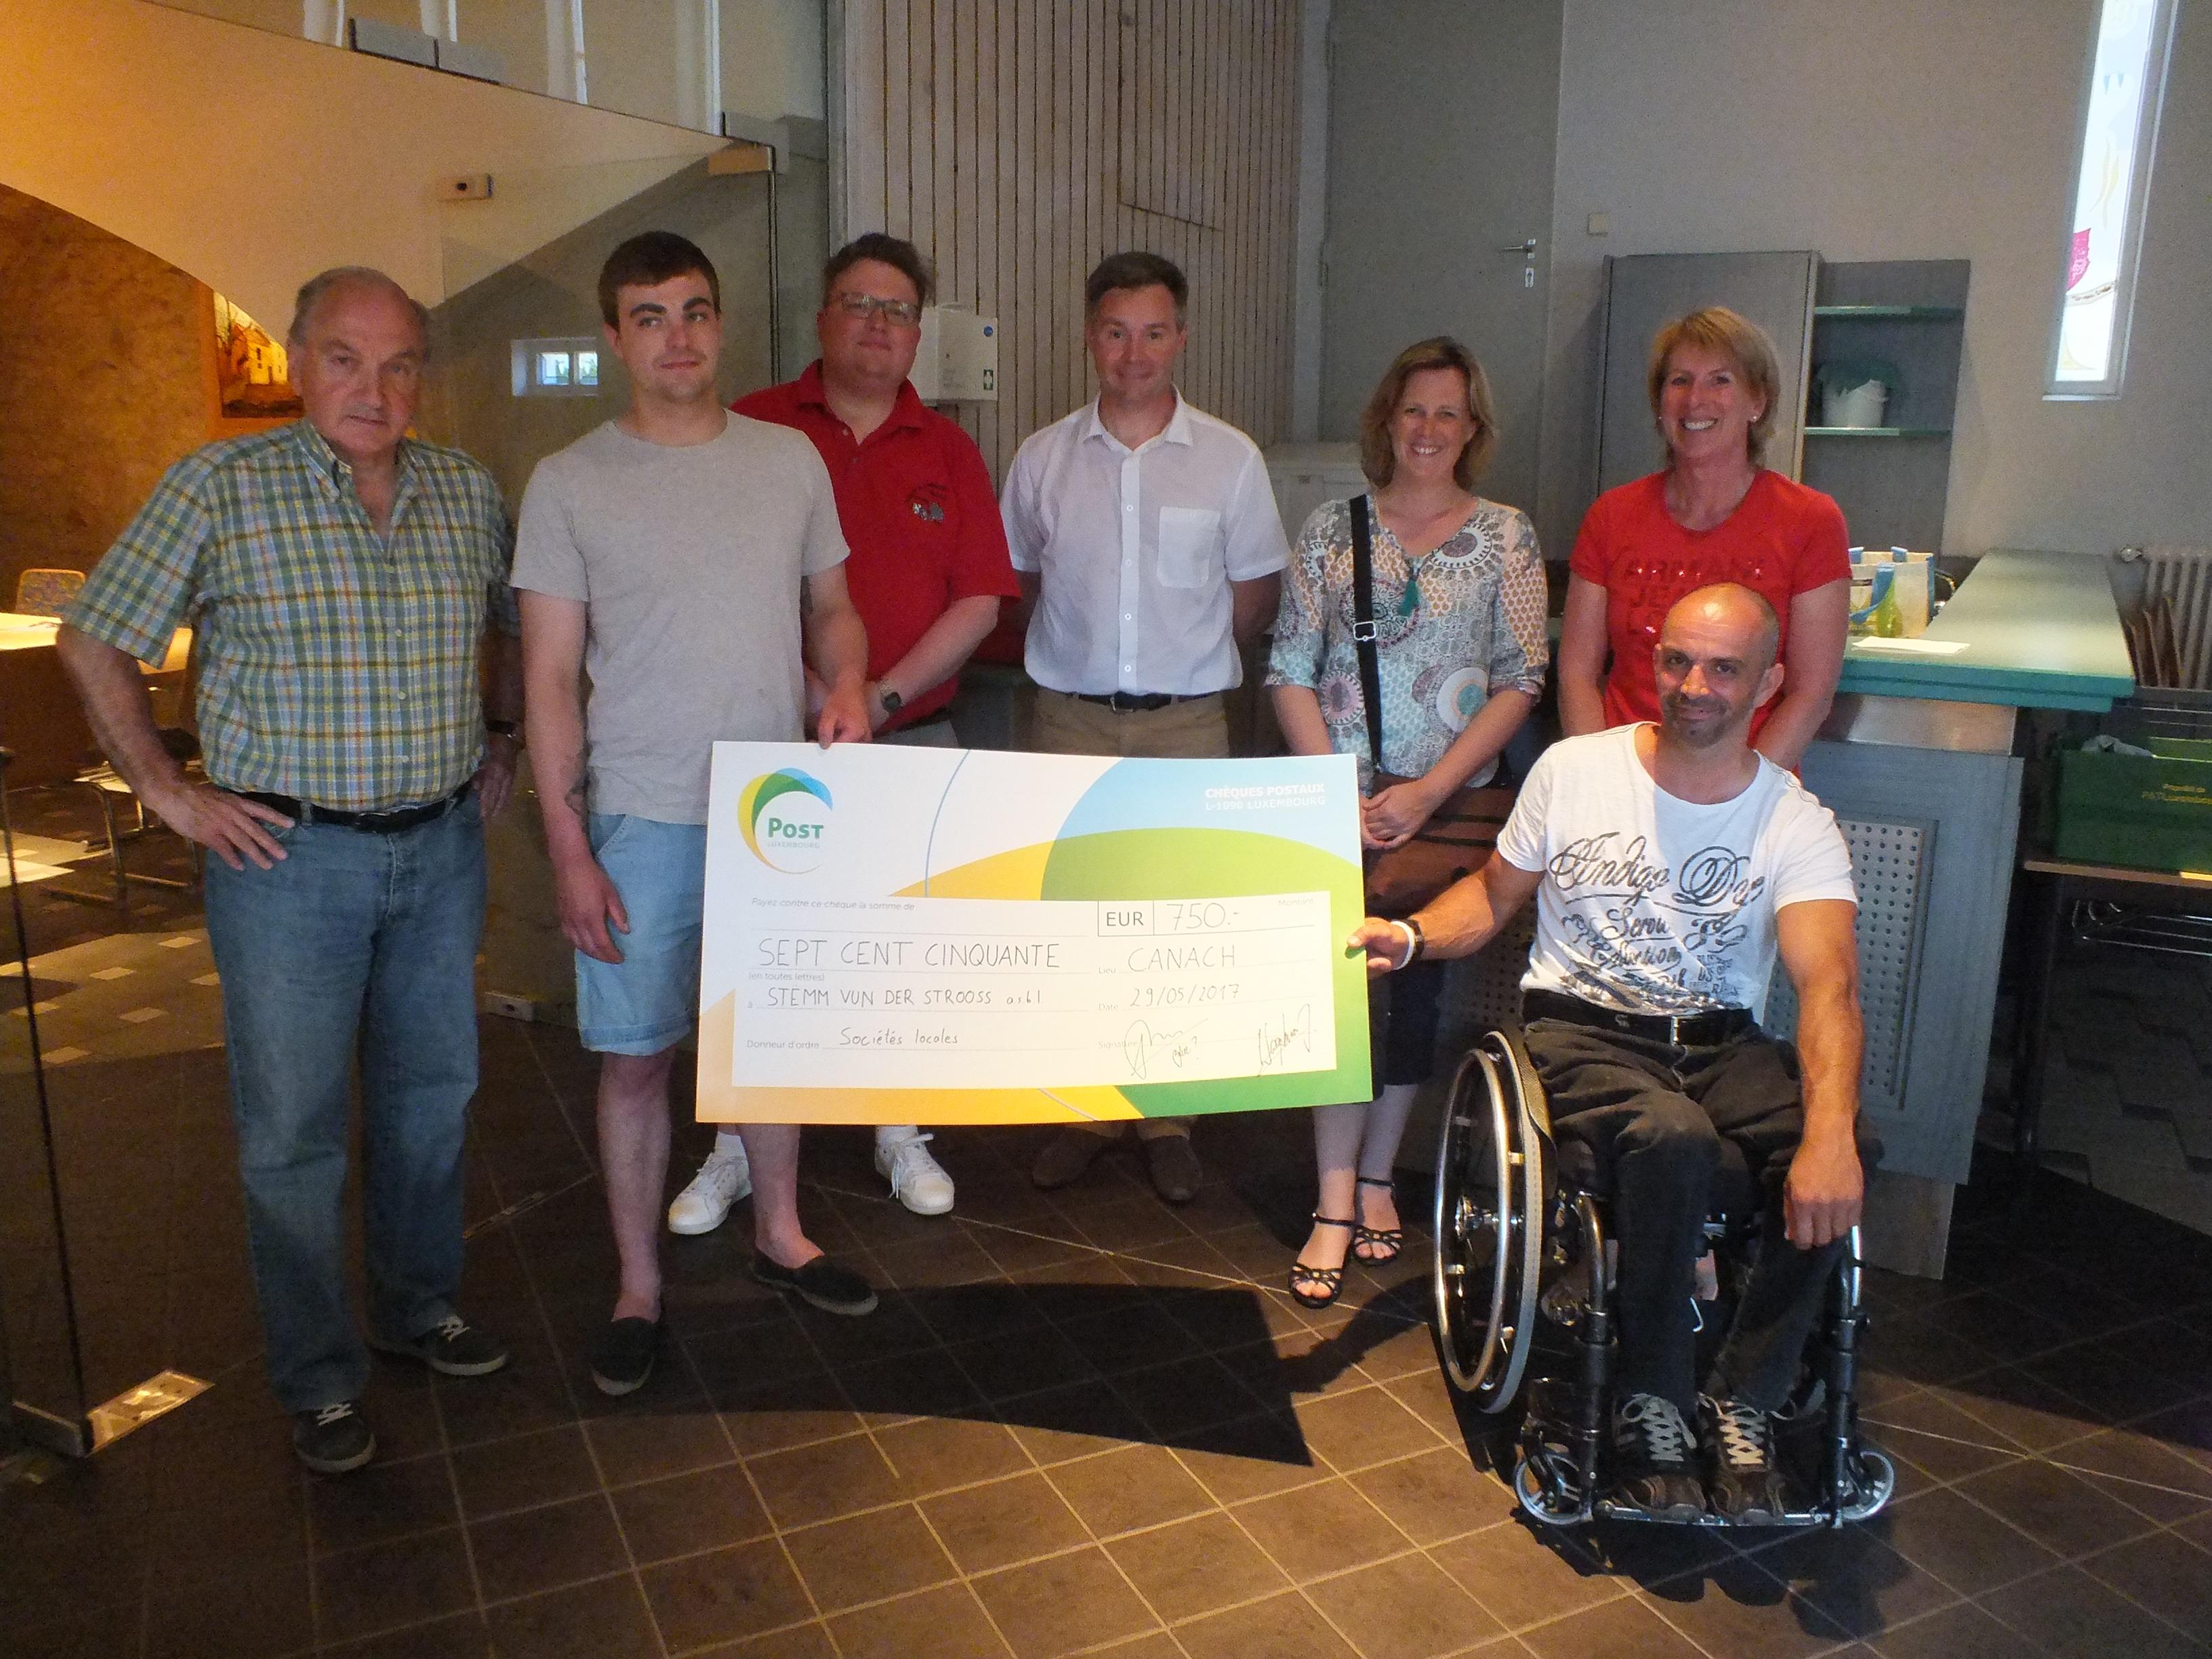 Un grand merci à la commune de Canach pour leur don généreux de 750 Euros.